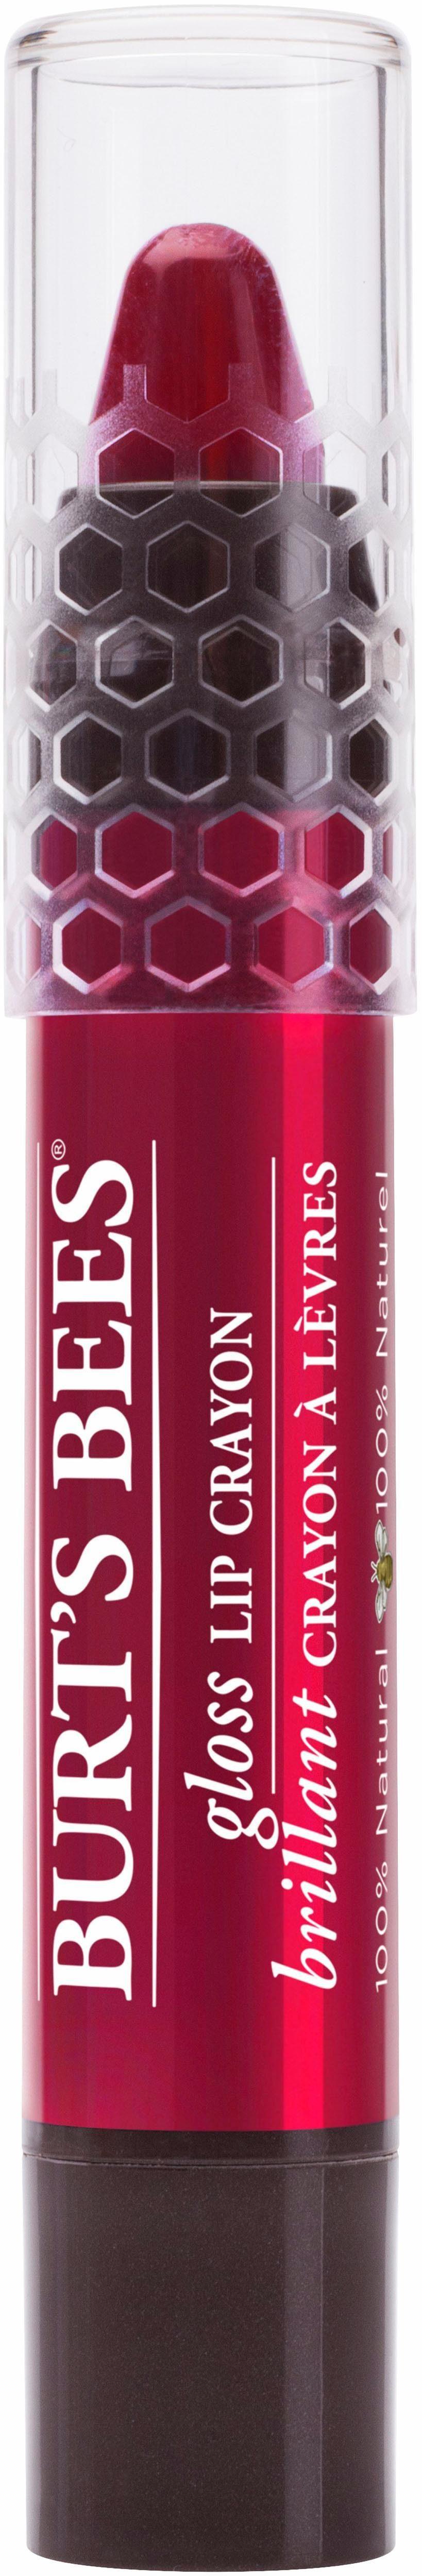 BURT'S BEES Lipgloss »Glossy Crayon«